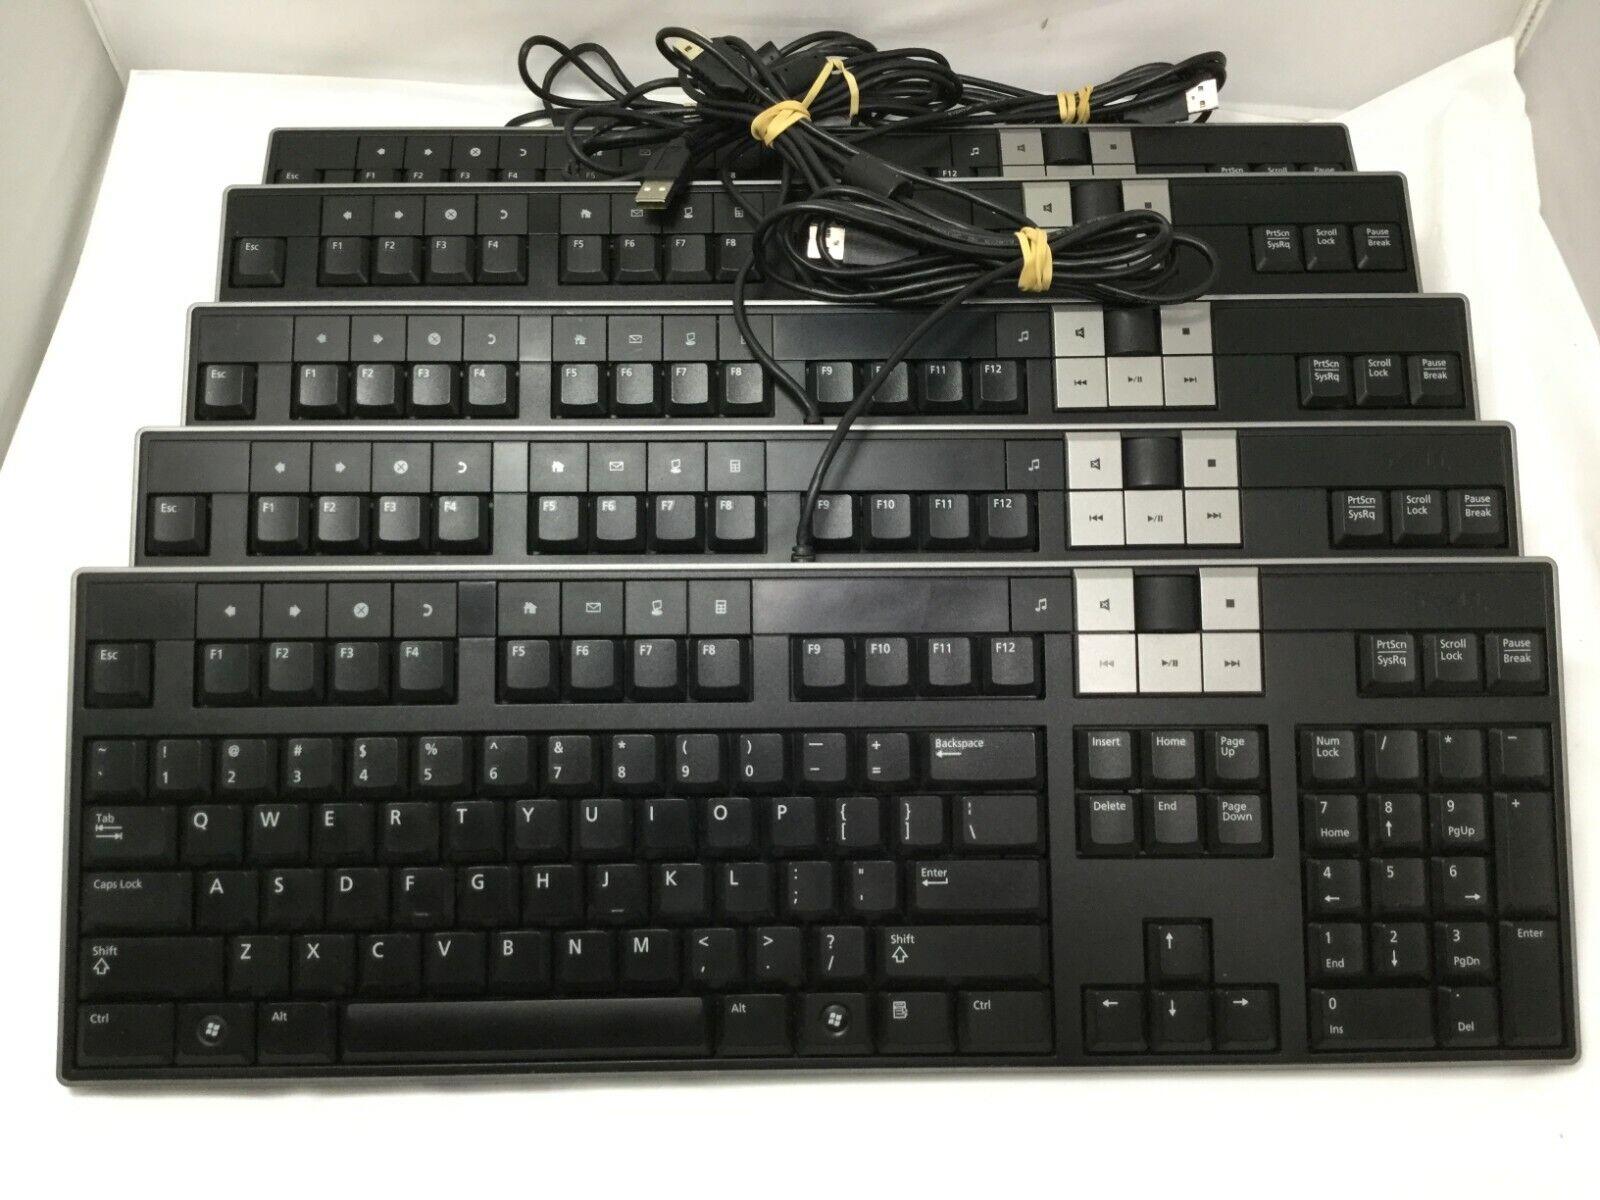 Lot 5 Dell Y-U0003-DEL5 U473D Enhanced Multimedia USB Keyboard With 2 USB Ports. Buy it now for 49.99